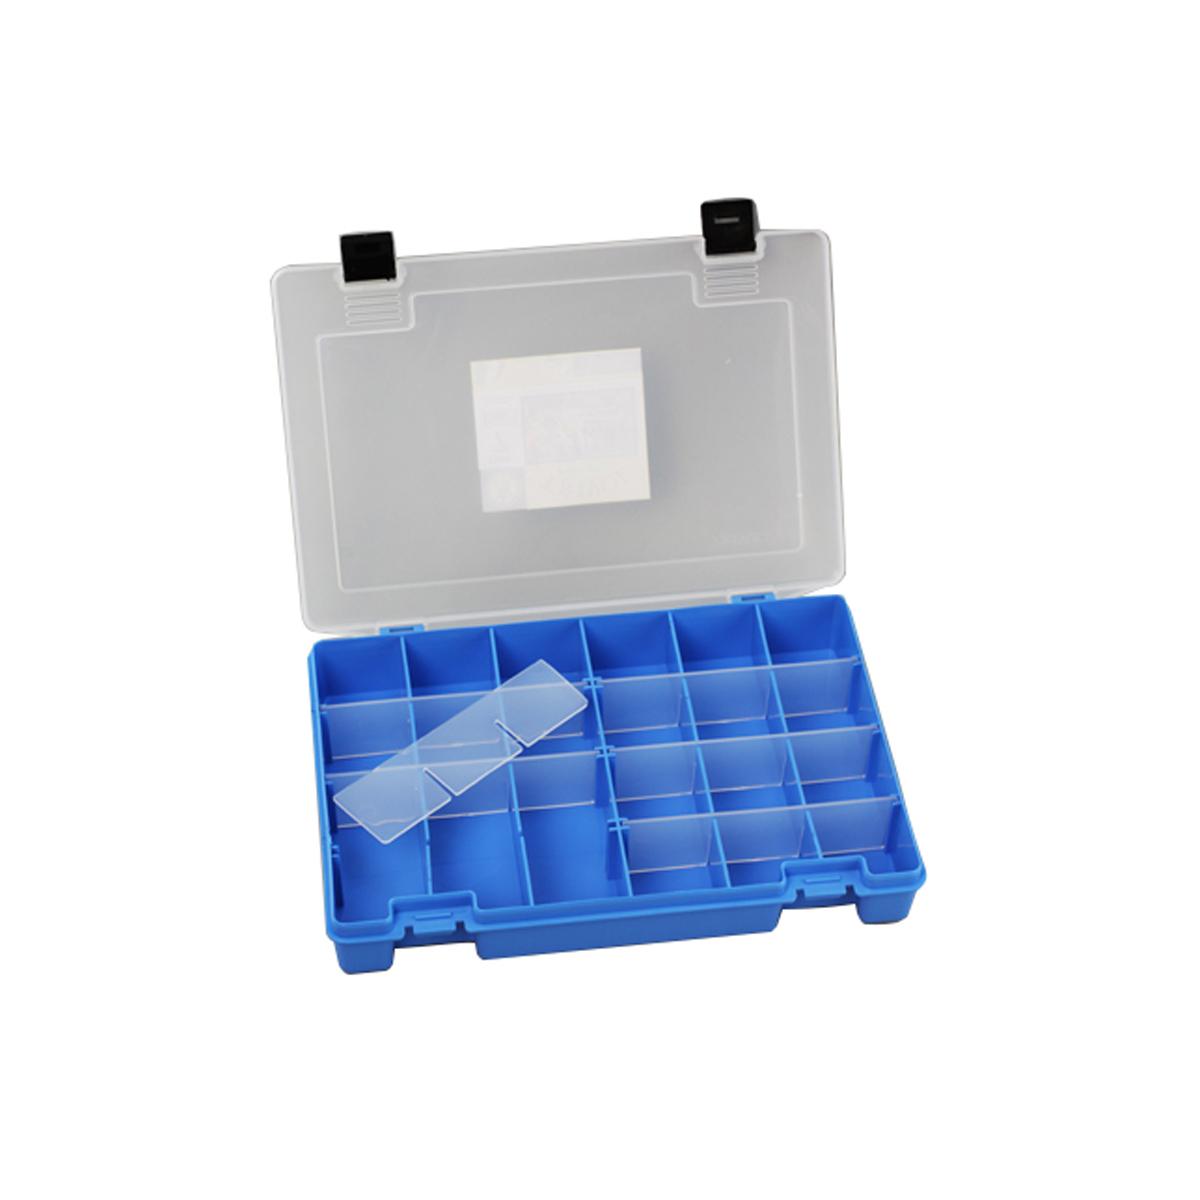 Коробка для мелочей Trivol, цвет: синий, прозрачный, 27,4 х 18,8 х 4,5 смES-412Коробка для мелочей Trivol, выполненная из прочного полипропилена (пластика), отлично подойдет для хранения канцелярских принадлежностей дома или в офисе, аксессуаров для шитья и рукоделия, болтов и гаек, а также принадлежностей для рыбалки и других видов хобби. Изделие имеет прочные съемные разделители, с помощью которых можно регулировать количество ячеек. Прозрачный материал позволяет видеть содержимое. Крышка коробки плотно закрывается на 2 защелки. Коробка легко моется и чистится. Она поможет держать ваши вещи в порядке. Размер ячейки: 4,5 х 4,5 х 4 см.